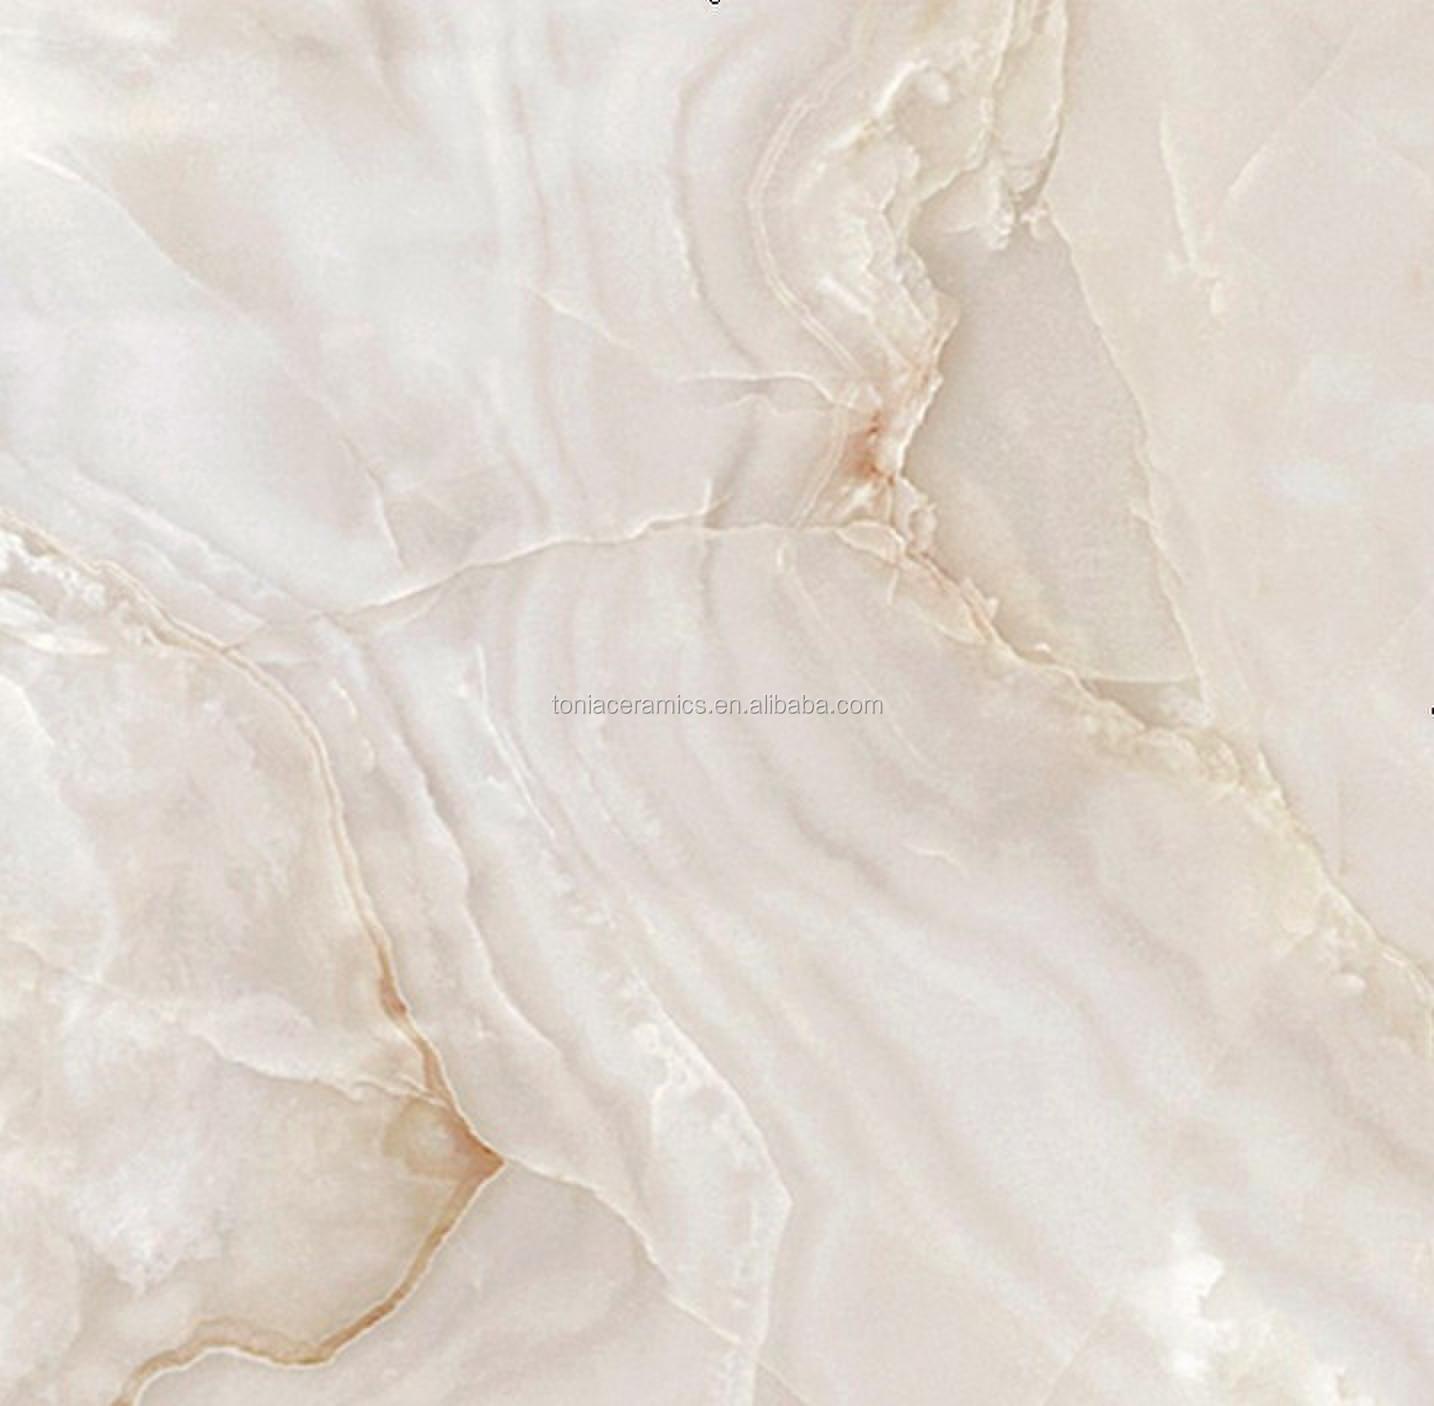 Ceramic tile looks like marble